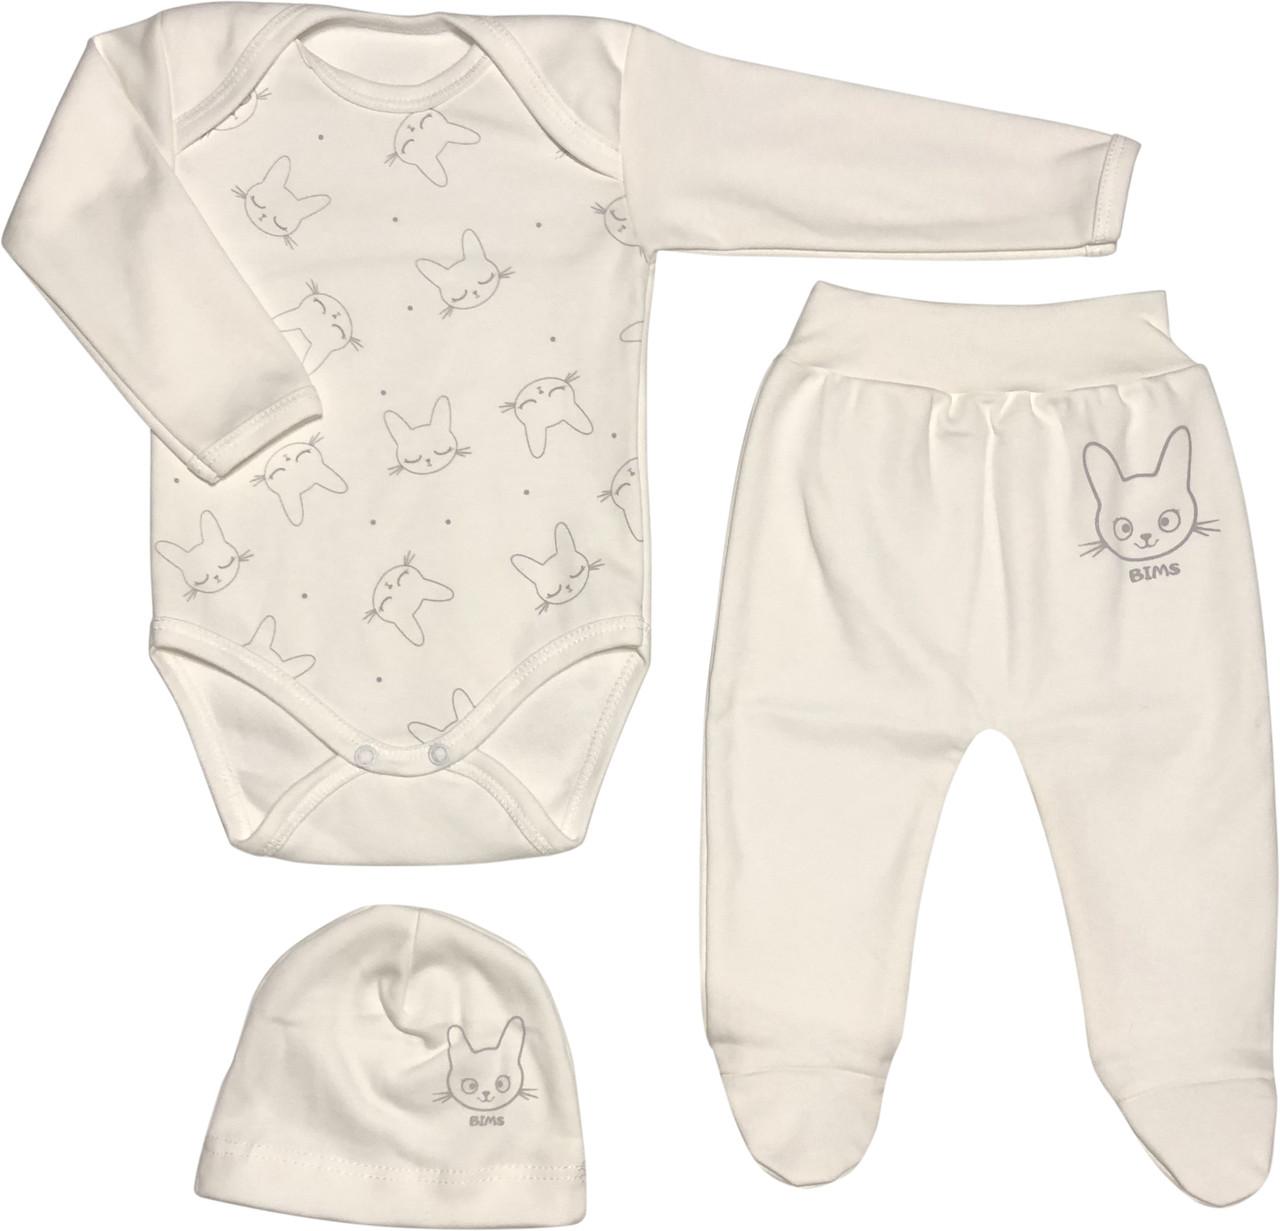 Тёплый костюм с начёсом для новорожденных рост 56 0-2 мес на мальчика девочку комплект трикотажный молочный